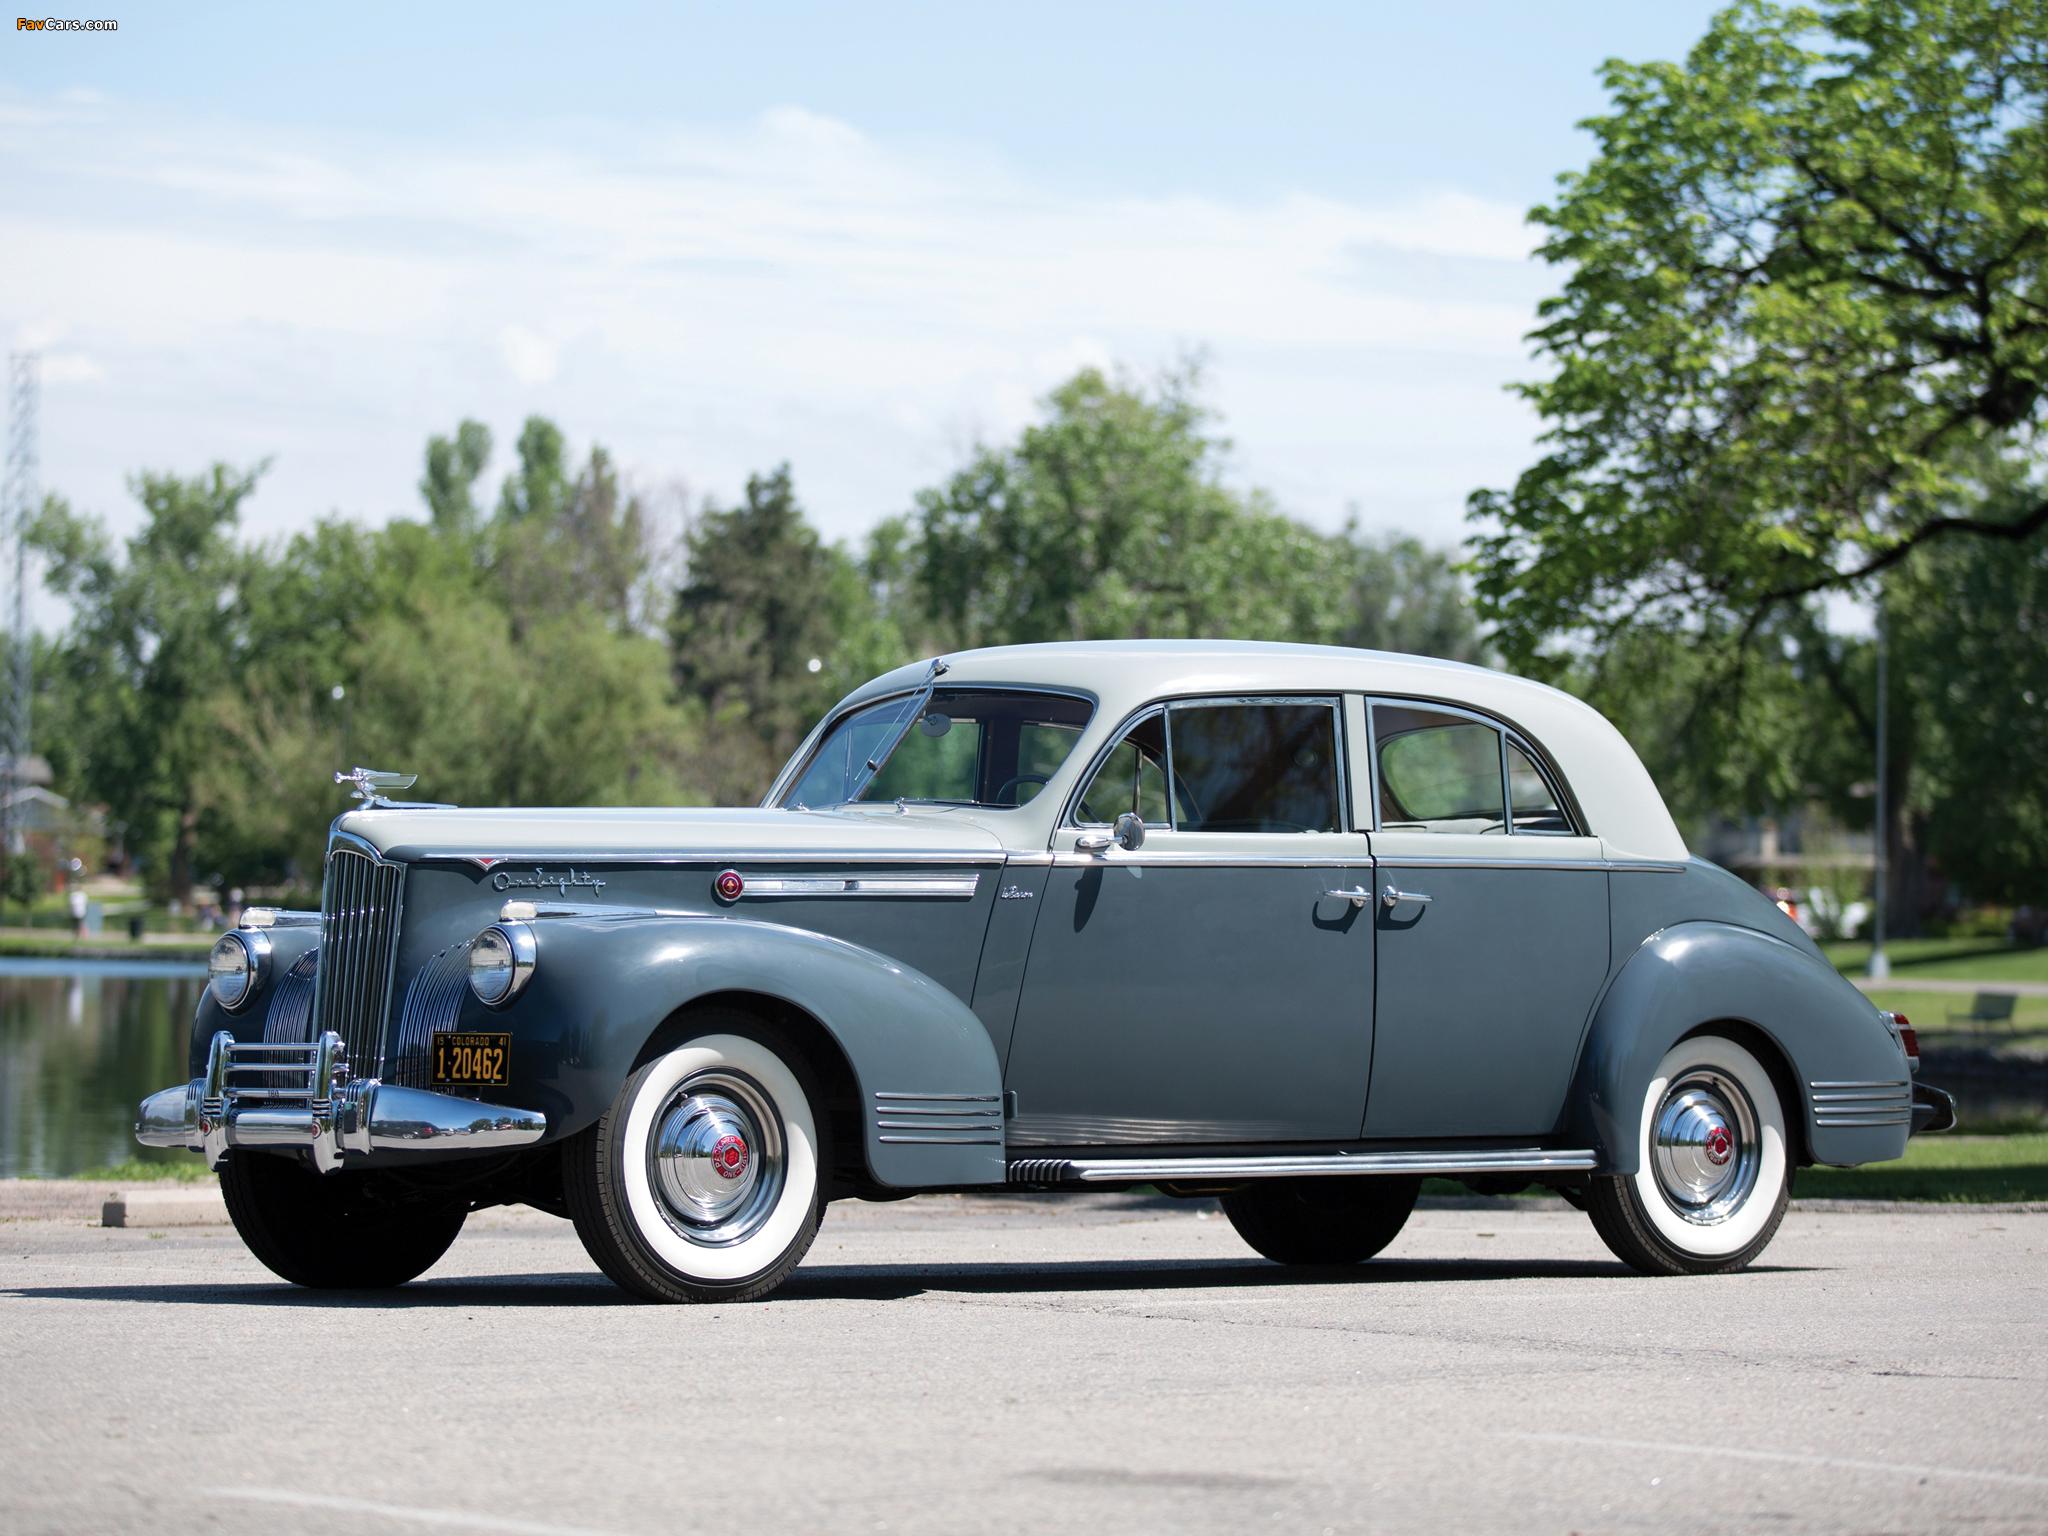 2048x1536 Car Wallpapers Photos Of 1941 Packard 180 Custom Super Eight Sport